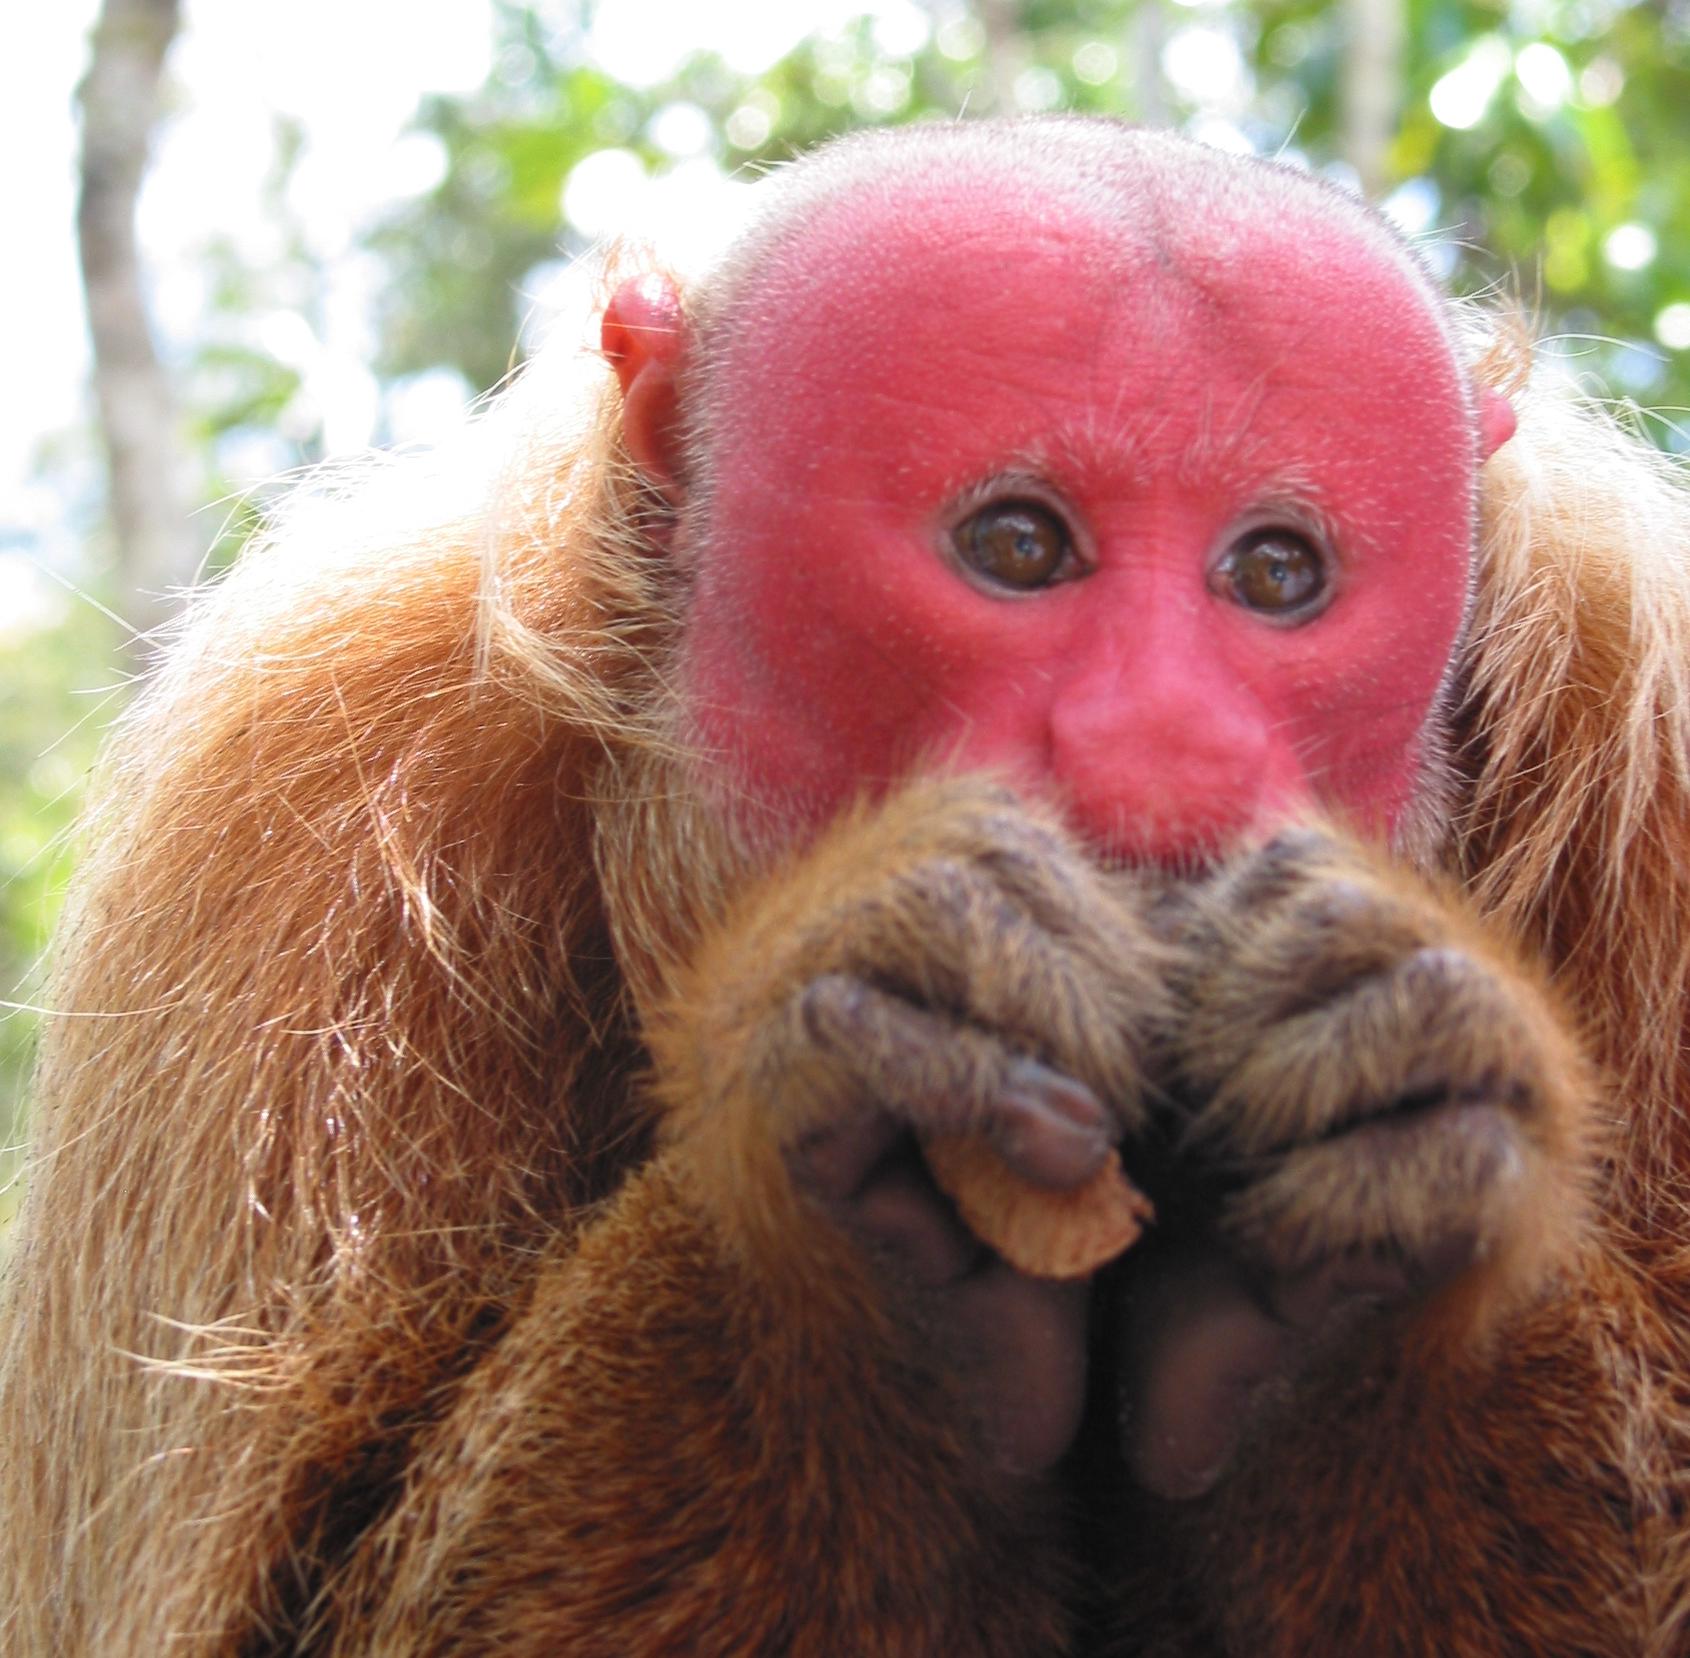 Uacari Monkey - Amazon - Brazil